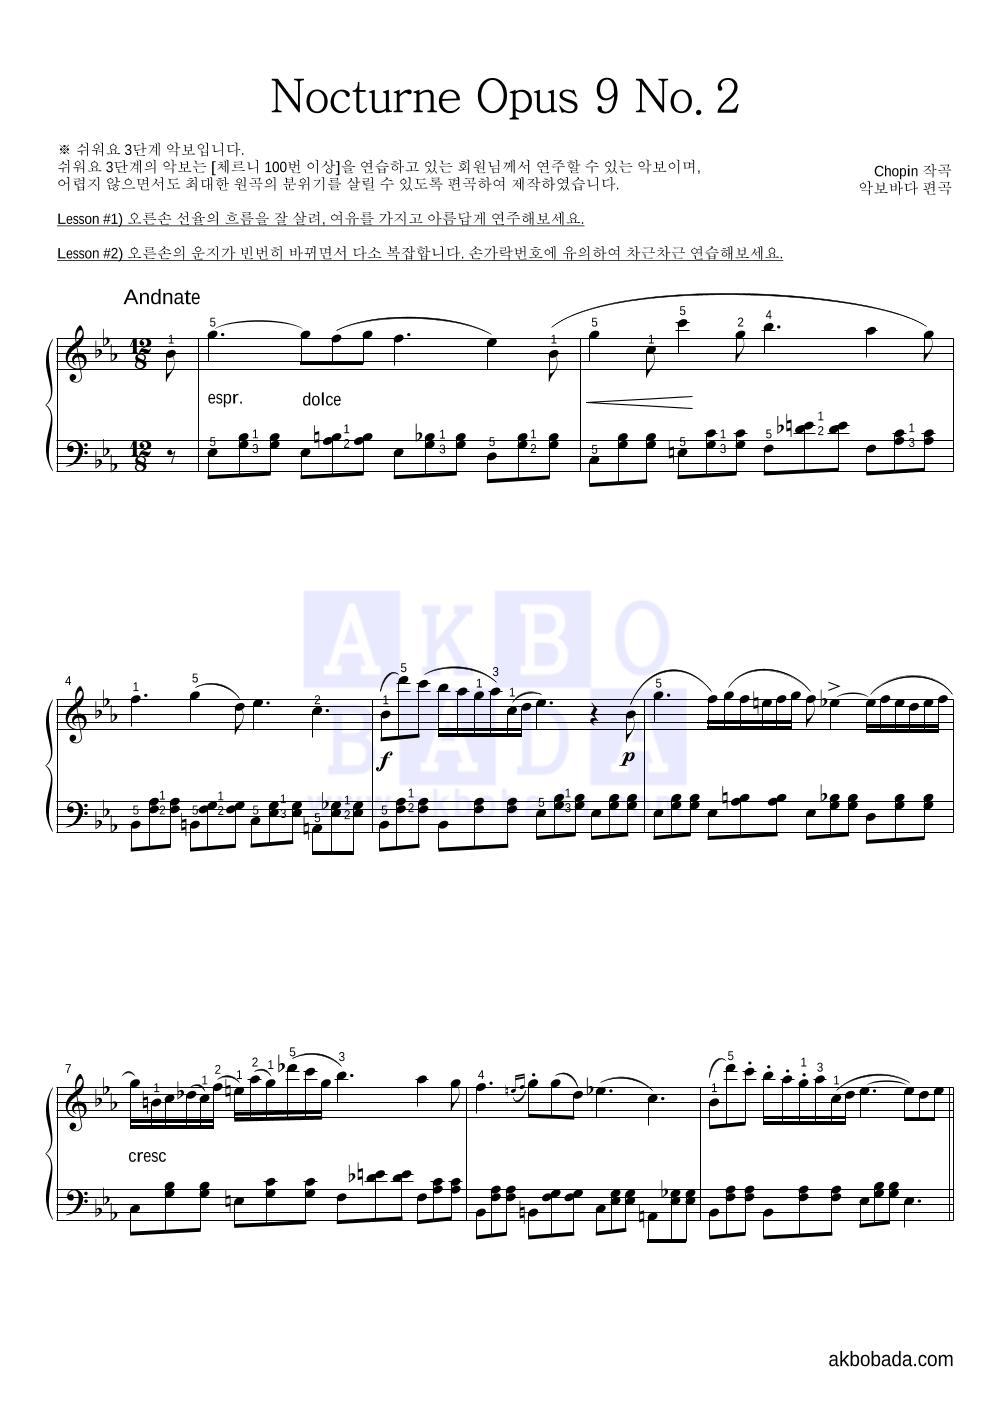 쇼팽 - Nocturne No.2 In E Flat Major Op.9-2 (야상곡 2번 내림 마장조) 피아노2단-쉬워요 악보